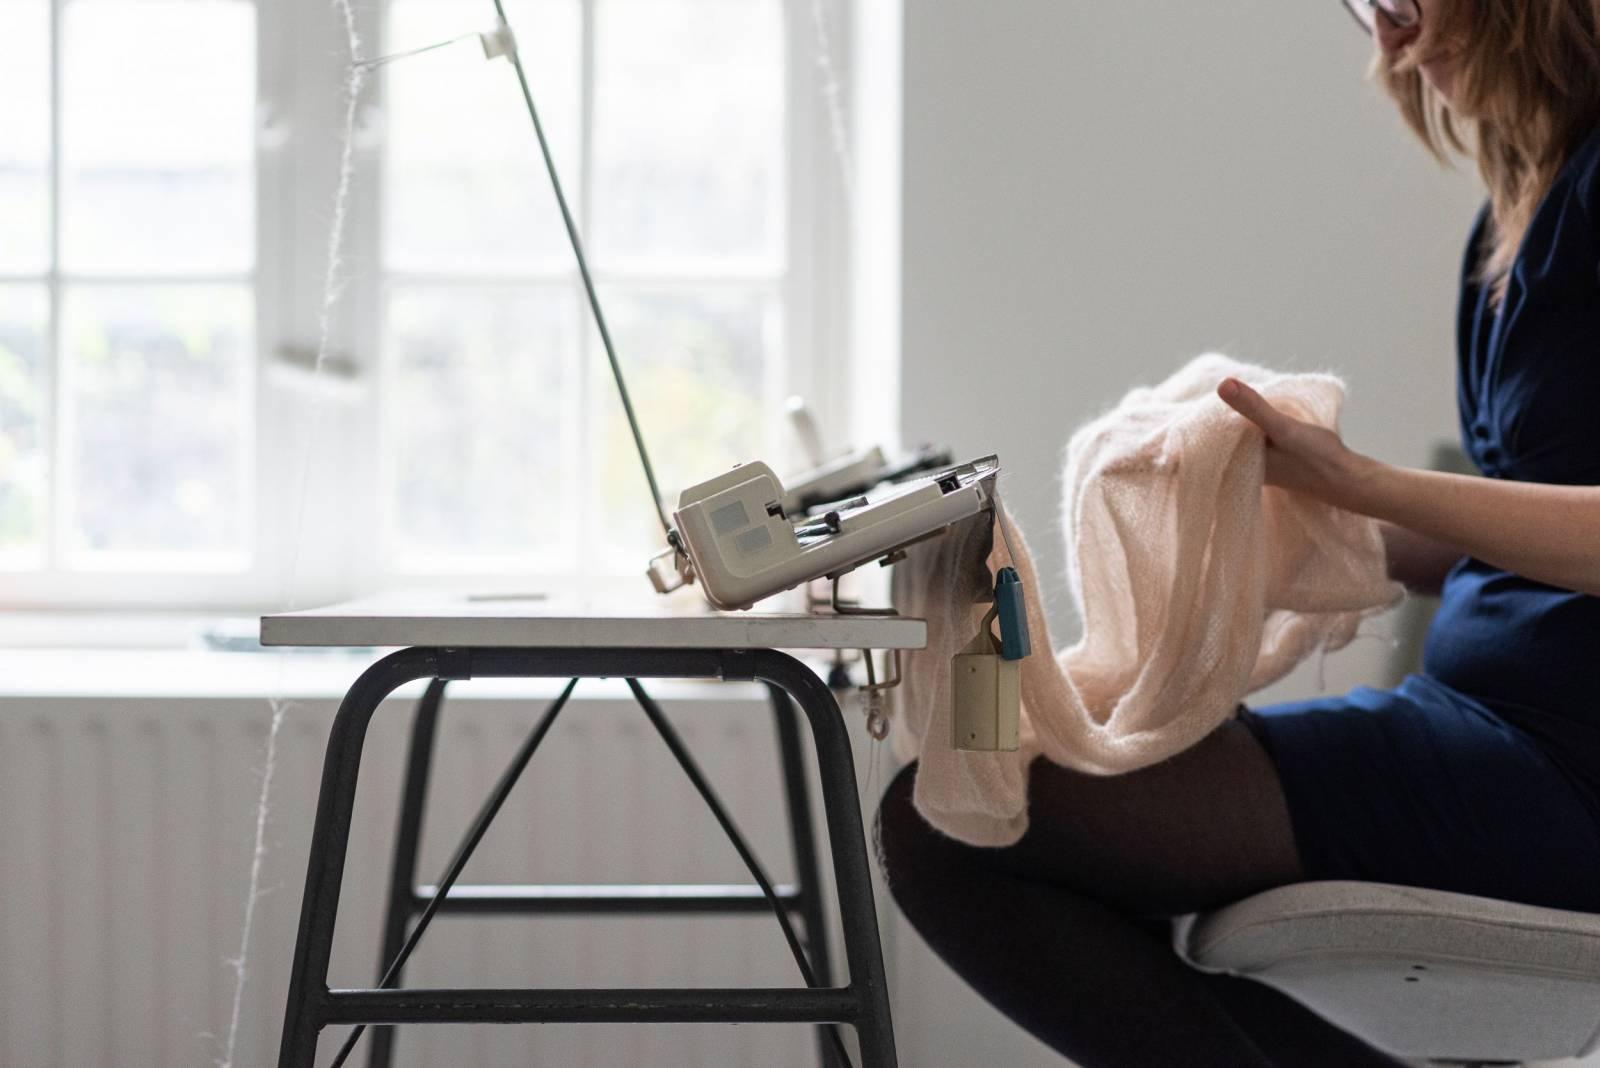 Lotte Van Huyck - Bridal Knitwear - Sjaals - Bridal workshop - Vrijgezellen activiteit - House of Weddings - 22